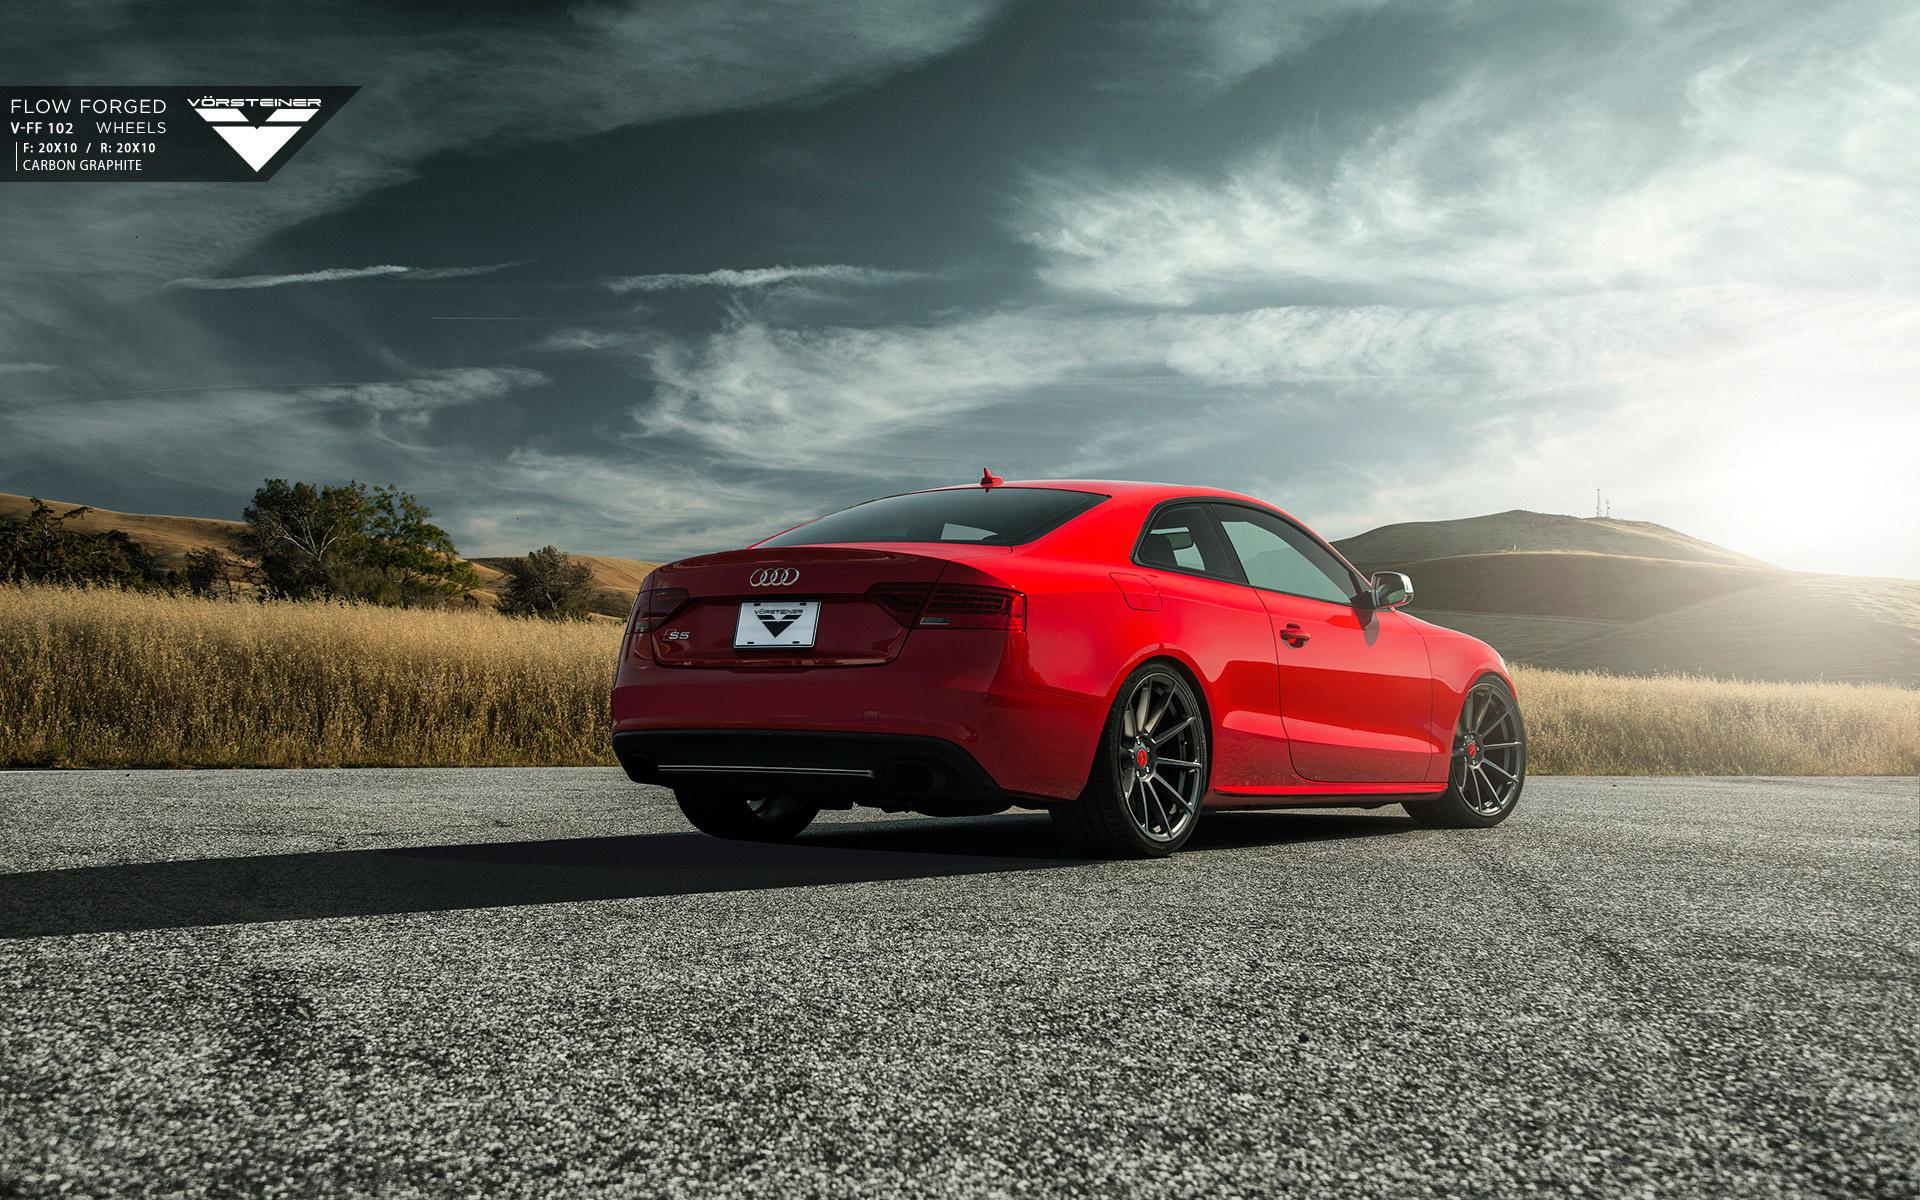 Audi A5 красная купе  № 3761393 загрузить